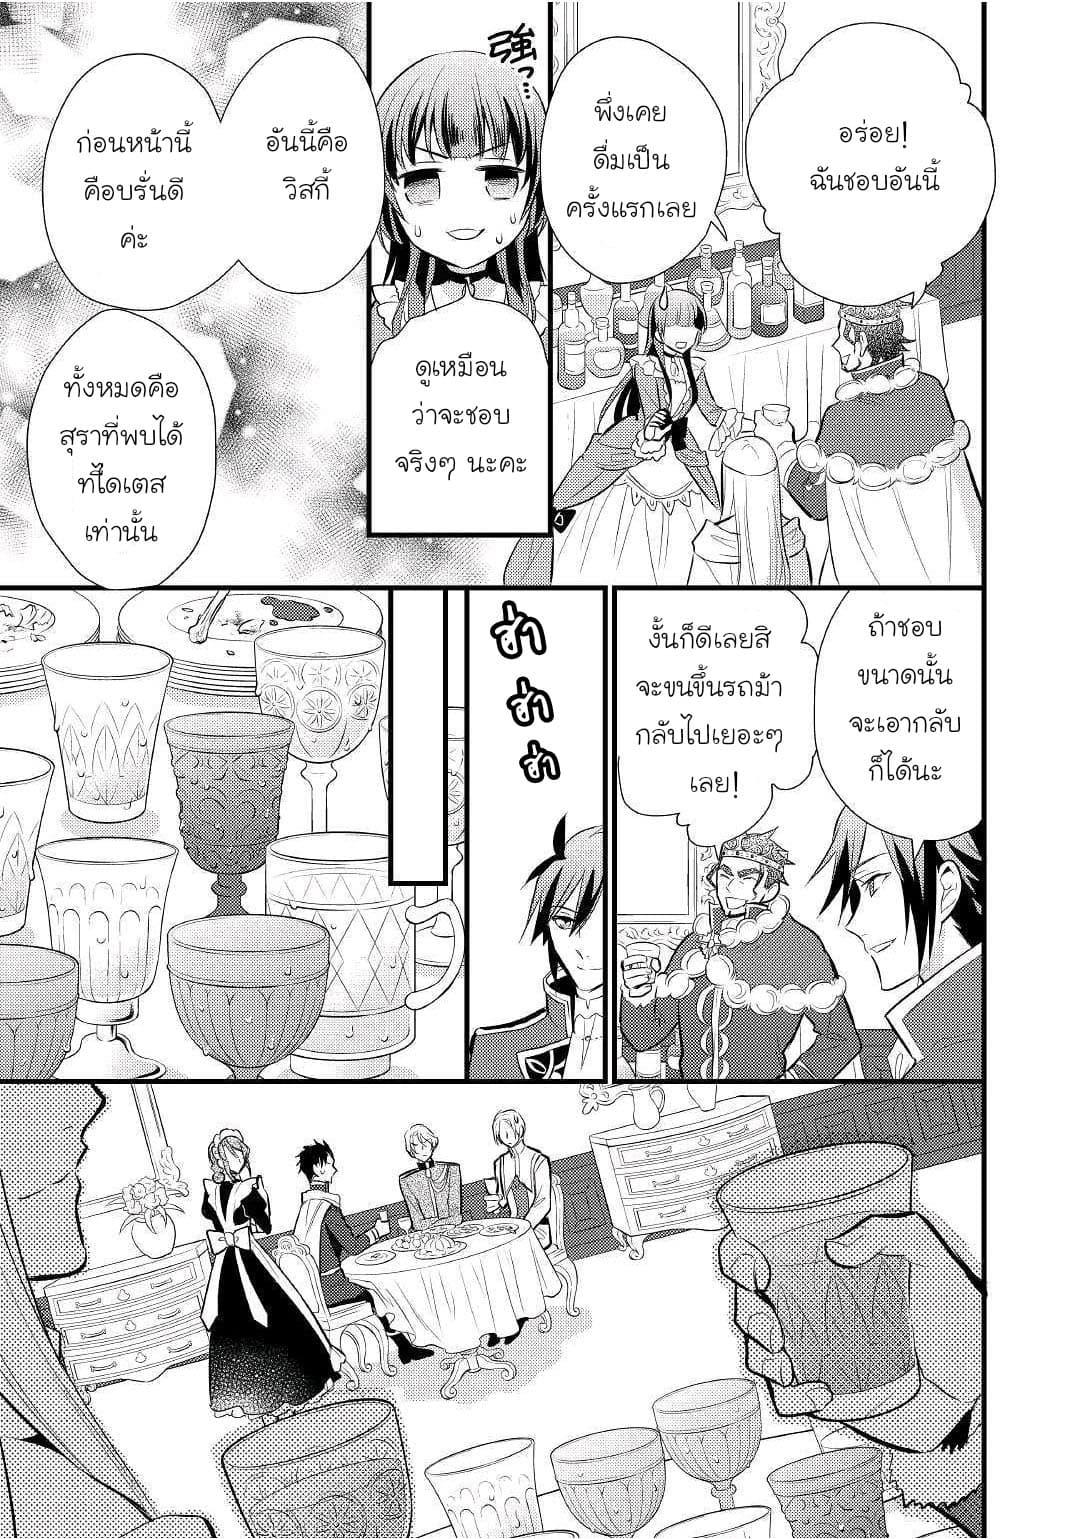 อ่านการ์ตูน Daites Ryou Koubouki ตอนที่ 17 หน้าที่ 15